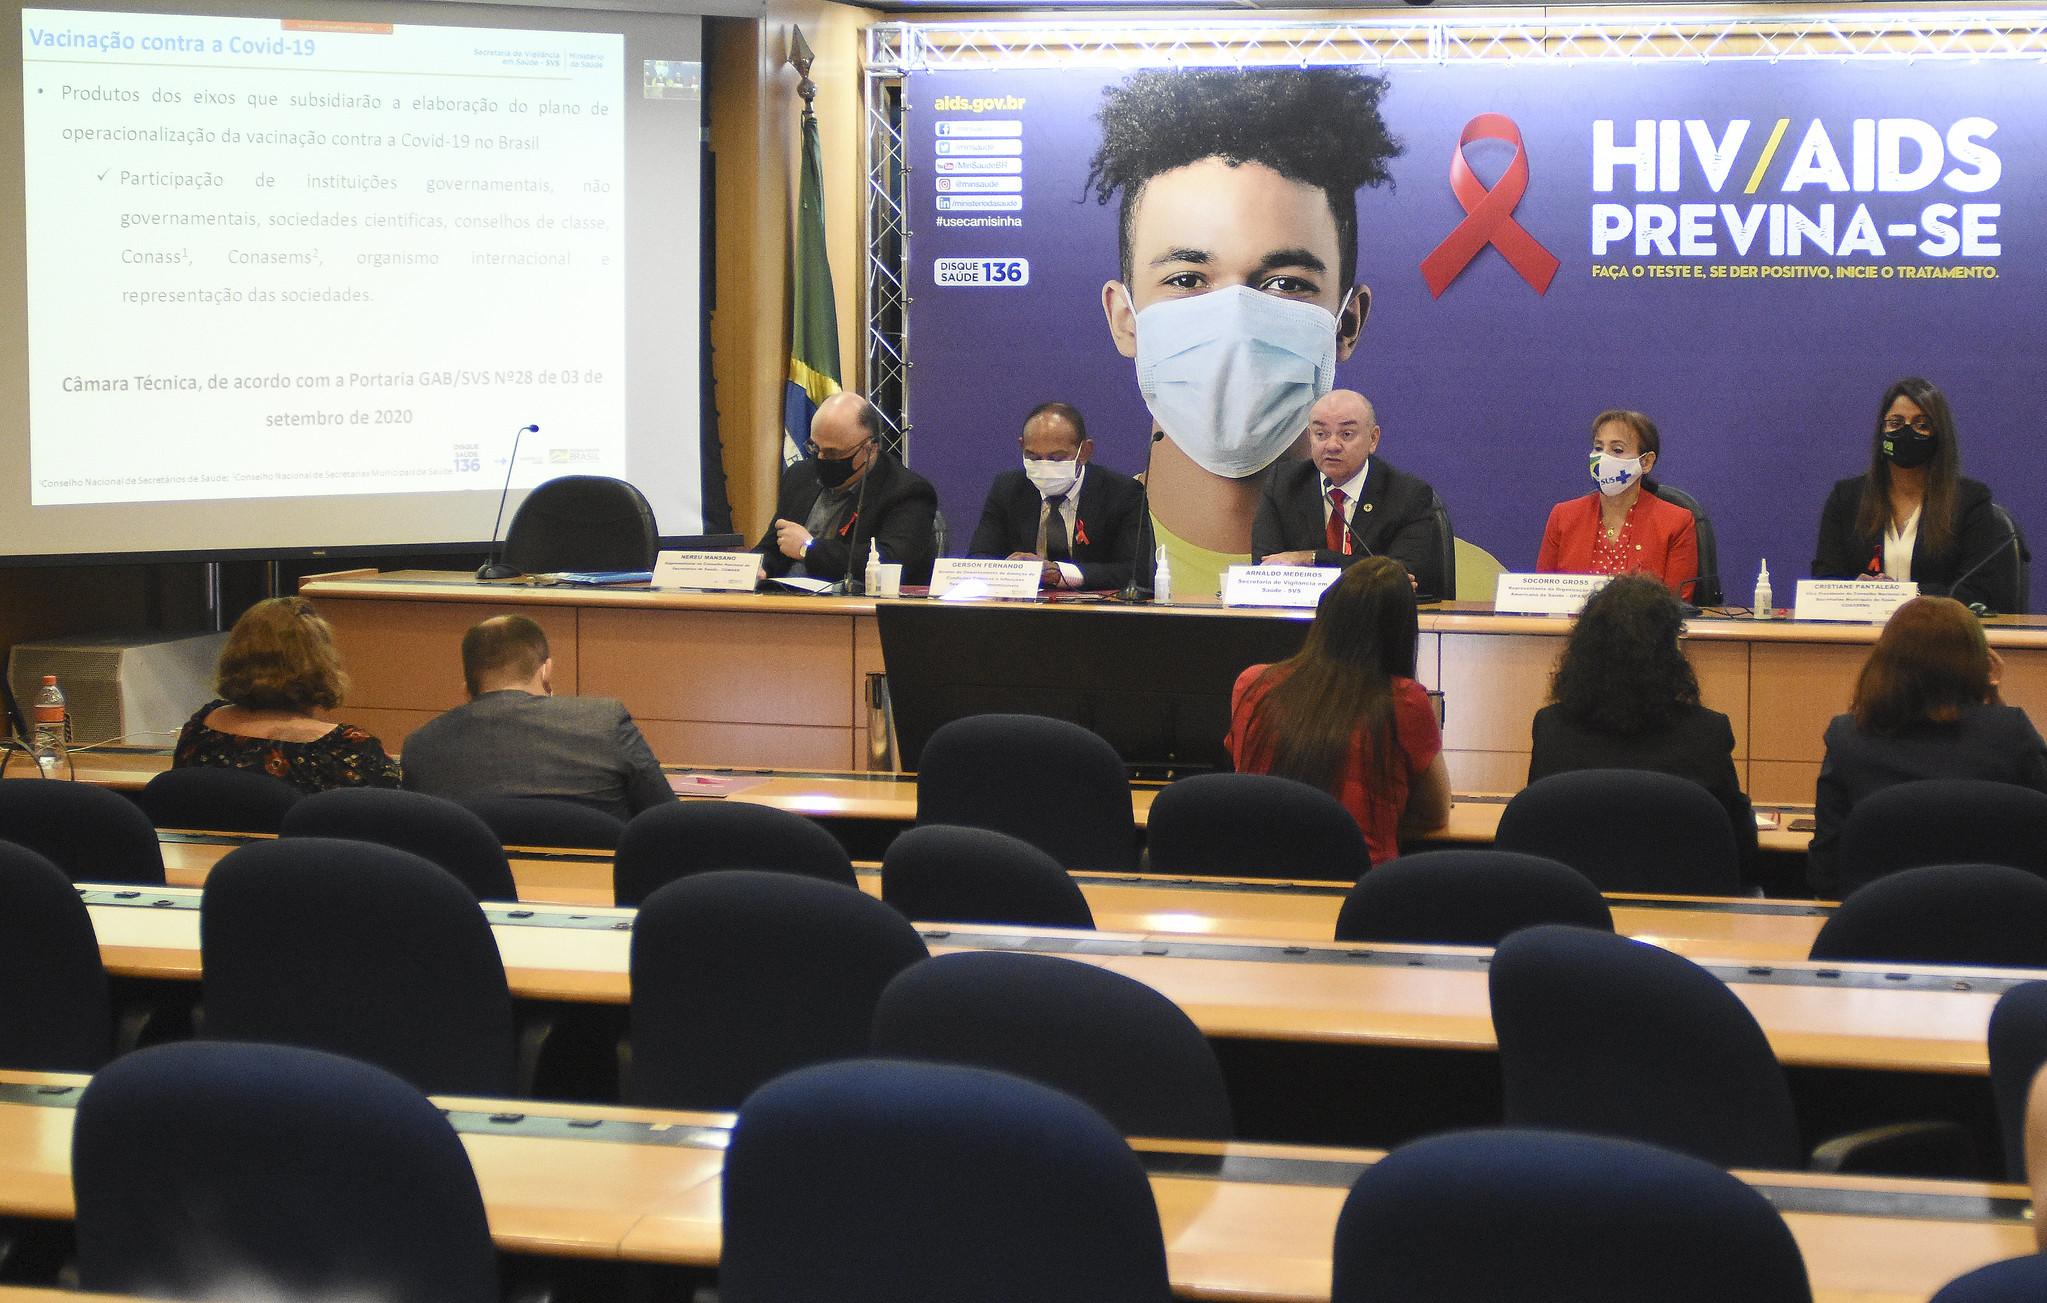 Ministério da Saúde lança Campanha de Prevenção ao HIV/Aids